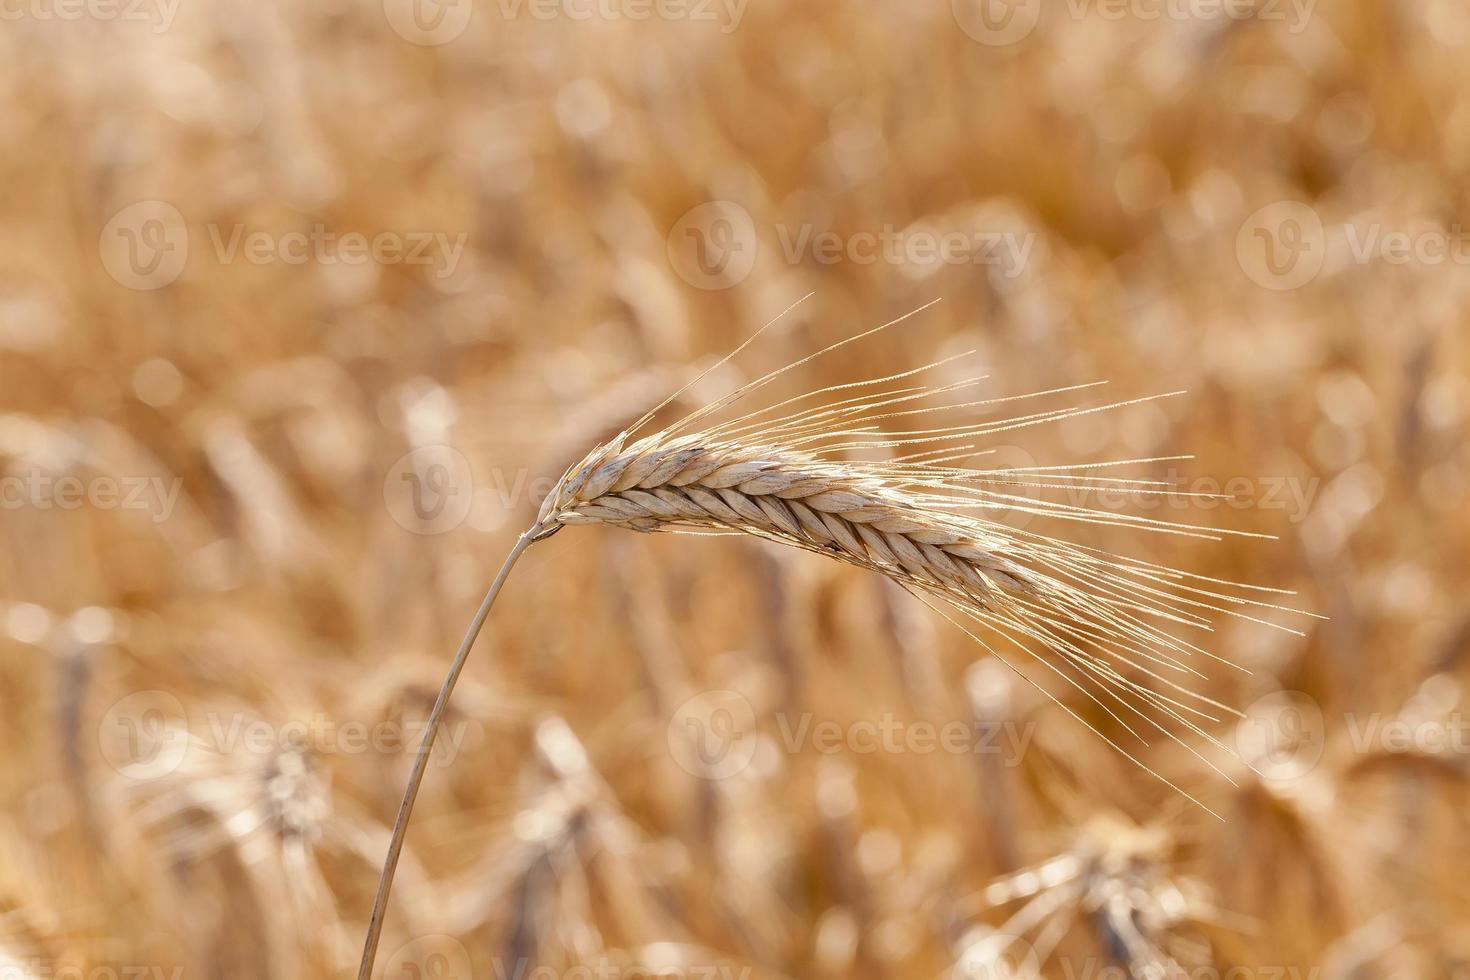 les céréales mûres photo